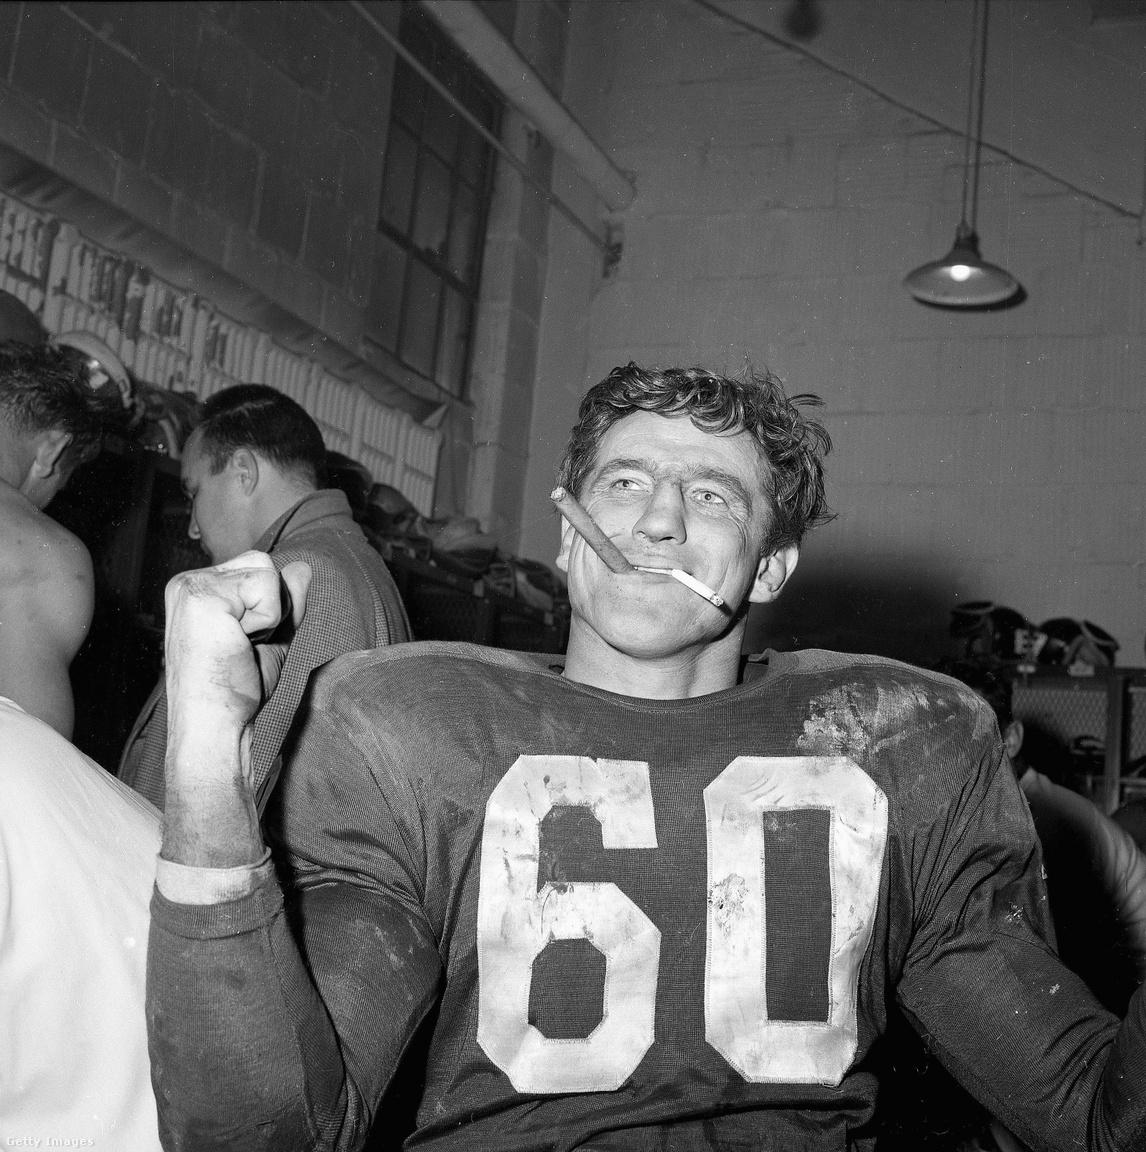 """Talán többen ismerik a képet, amin Len Dawson az első Super Bowl szünetében cigizget, de kevés kép mutatja jobban, mennyire más volt a világ az 1960-as évek elején, mint most, nagyjából 60 évvel később: Chuck Bednarik, a Philadelphia Eagles centere egy szivarral ÉS egy cigarettával a szájában ünnepli az Eagles 1960-as, a Green Bay Packers ellen nyert bajnoki címét. A mérkőzés jelentősége nem elhanyagolható, Vince Lombardi pályafutása során először és utoljára kapott ki a rájátszásban edzőként. A szlovák származású, de már Amerikában született Bednarik az 1950-es évek, illetve az NFL 75 és 100 éves álomcsapatába is bekerült, 60-as mezét visszavonultatta az Eagles, illetve az egyetemi bajnokságban és az NFL-ben is halhatatlan lett. Egyetemi játékosként szinte minden meccset végigjátszott a támadó- és védőcsapatban egyszerre szerepelve, utóbbinak állít emléket, hogy róla nevezték el az év legjobb egyetemi védőjátékosának járó Chuck Bednarik-díjat. Az, hogy az amerikaifutballban csúcsra ért, különös megkoronázása volt annak, hogy a második világháborúból hősként, 30 sikeres repülős küldetés után tért vissza. A 60-as évek viszont csak a megbecsülésről szóltak, Bednariknak az amerikaifutball-szezonon kívül betont kellett árulnia, hogy megéljen, innen, és nem az egyébként kivételes keménységéből jött a """"Beton Charlie"""" becenév."""